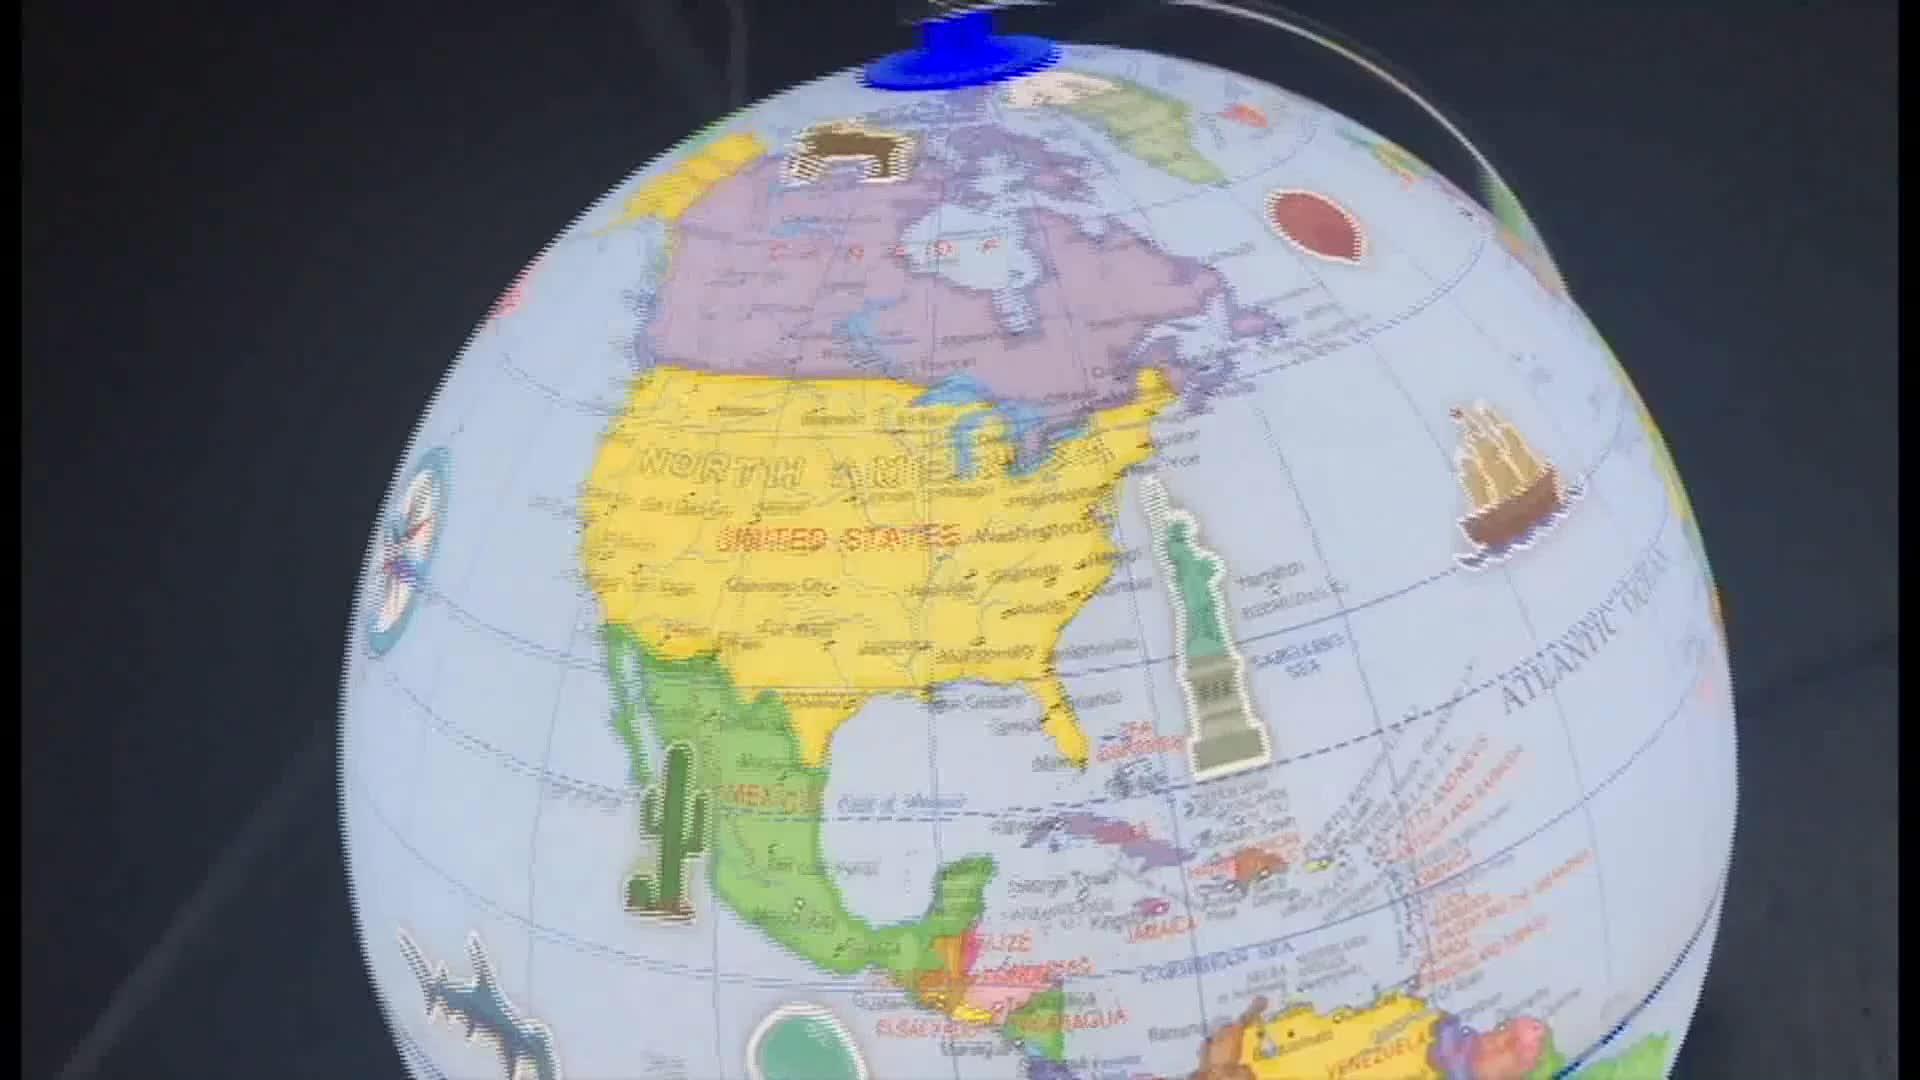 สมจริง 3D ฉาก, Augmented Reality การศึกษาภูมิศาสตร์โลก, ออกแบบการ์ตูน